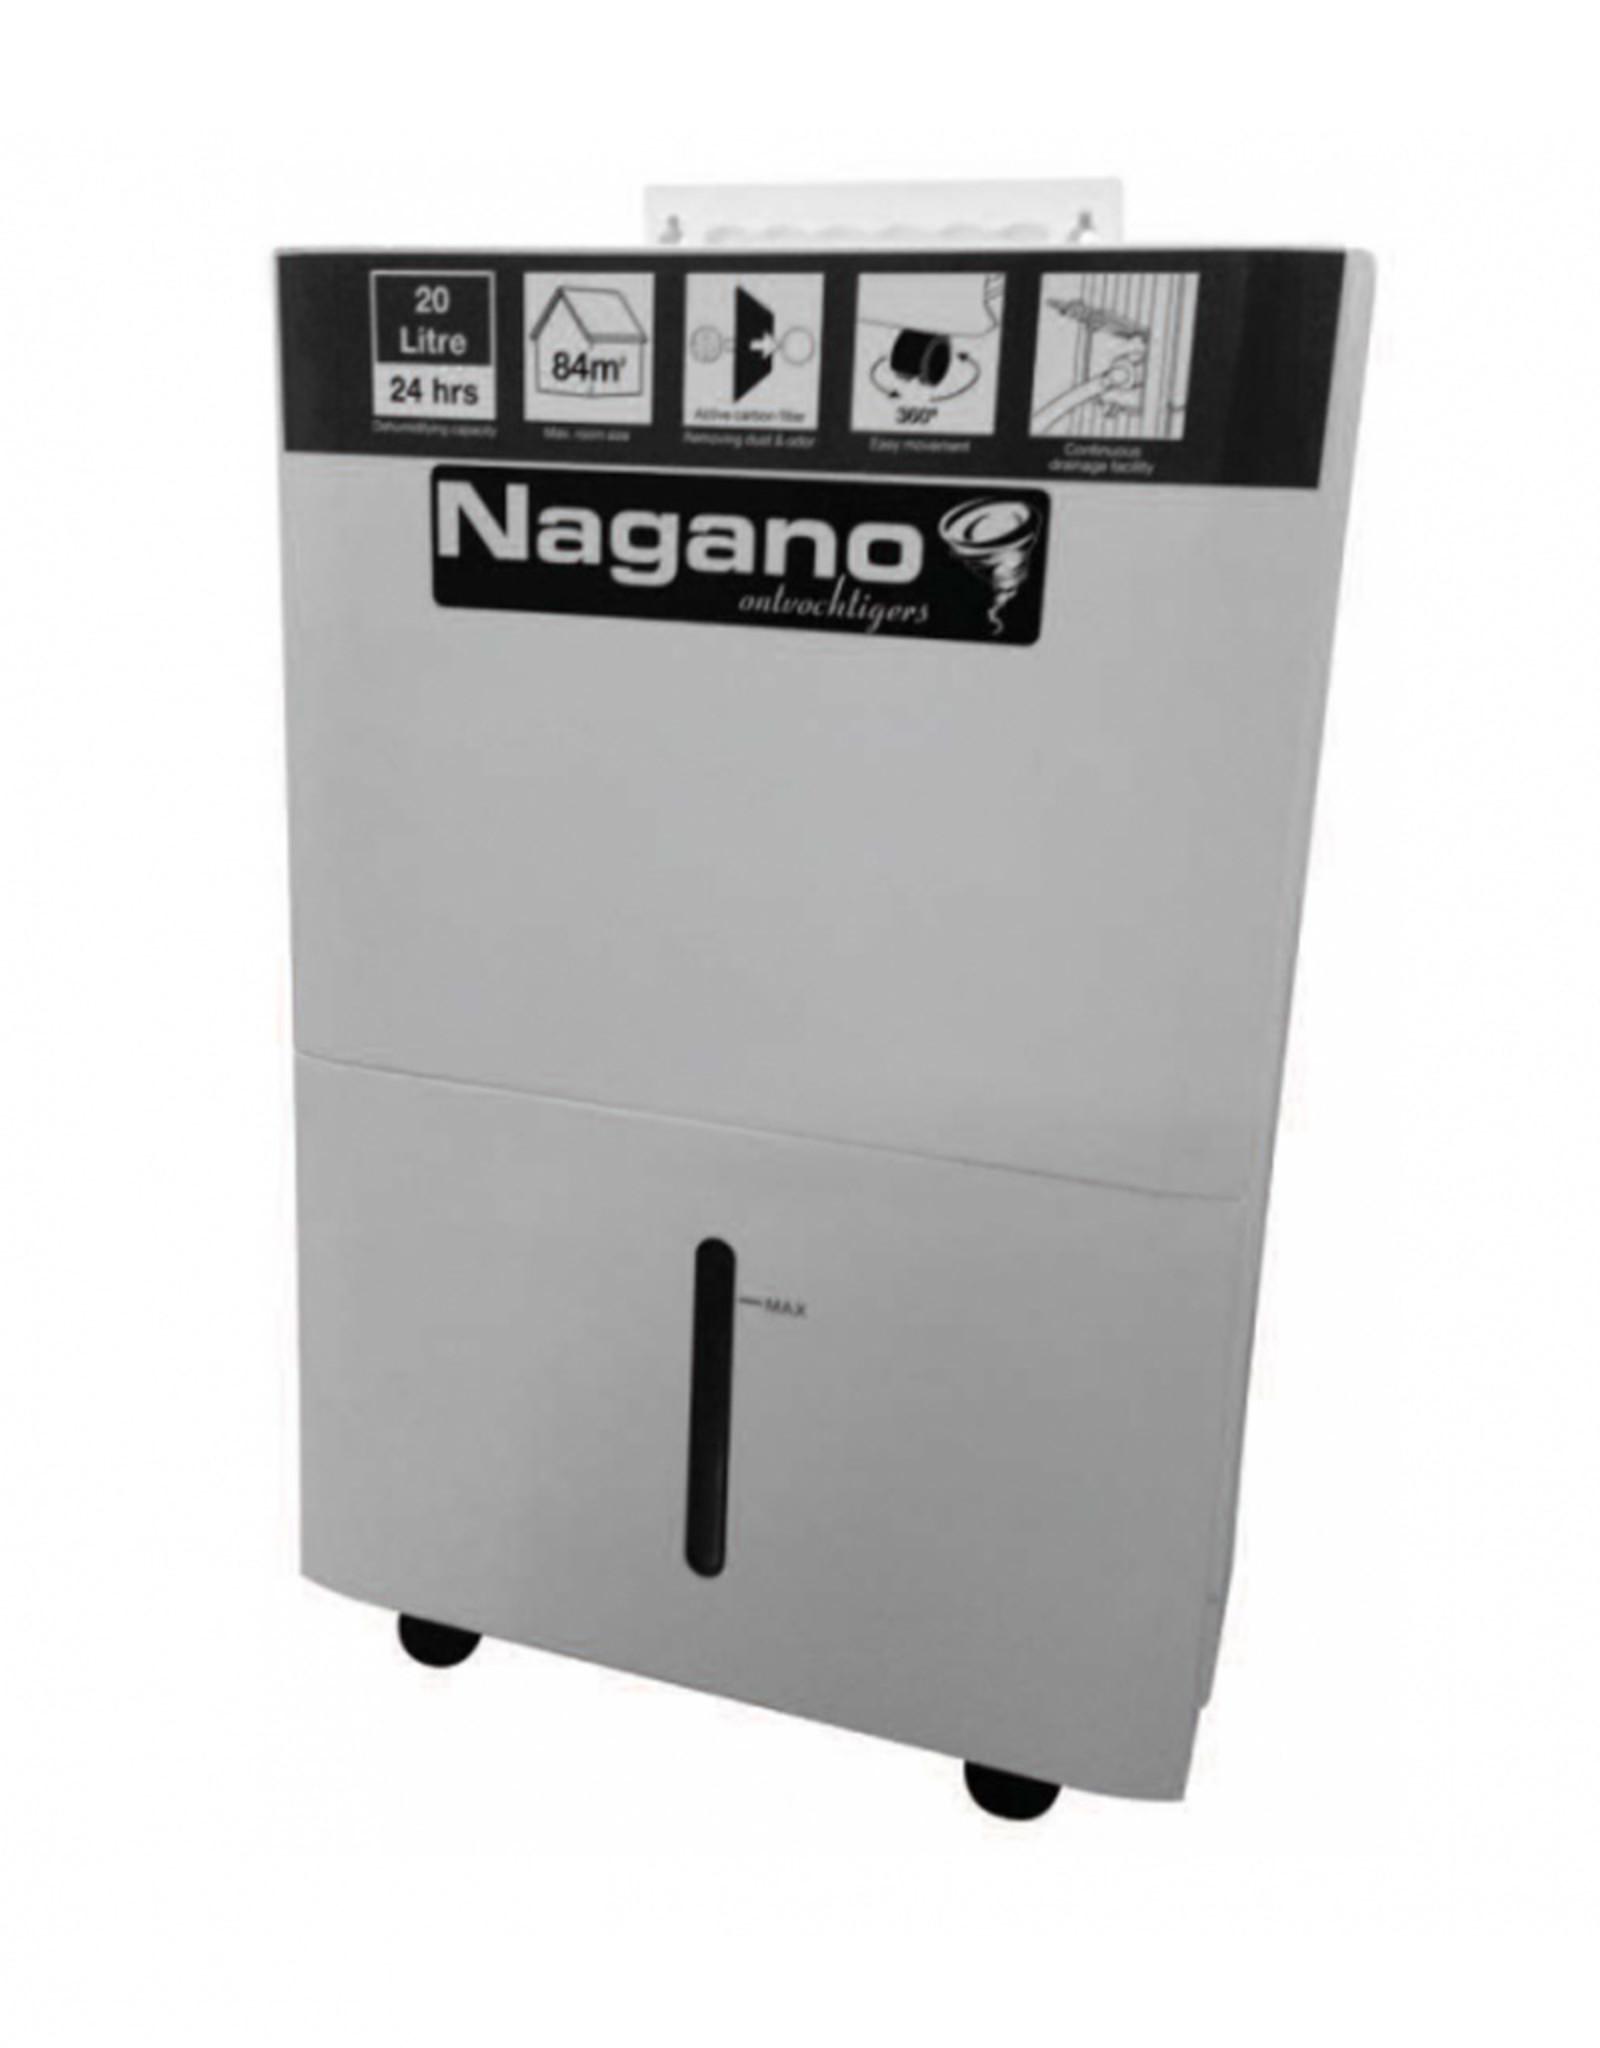 RAM NAGANO ONTVOCHTIGER 20L/24H 4,8L RESERVOIR